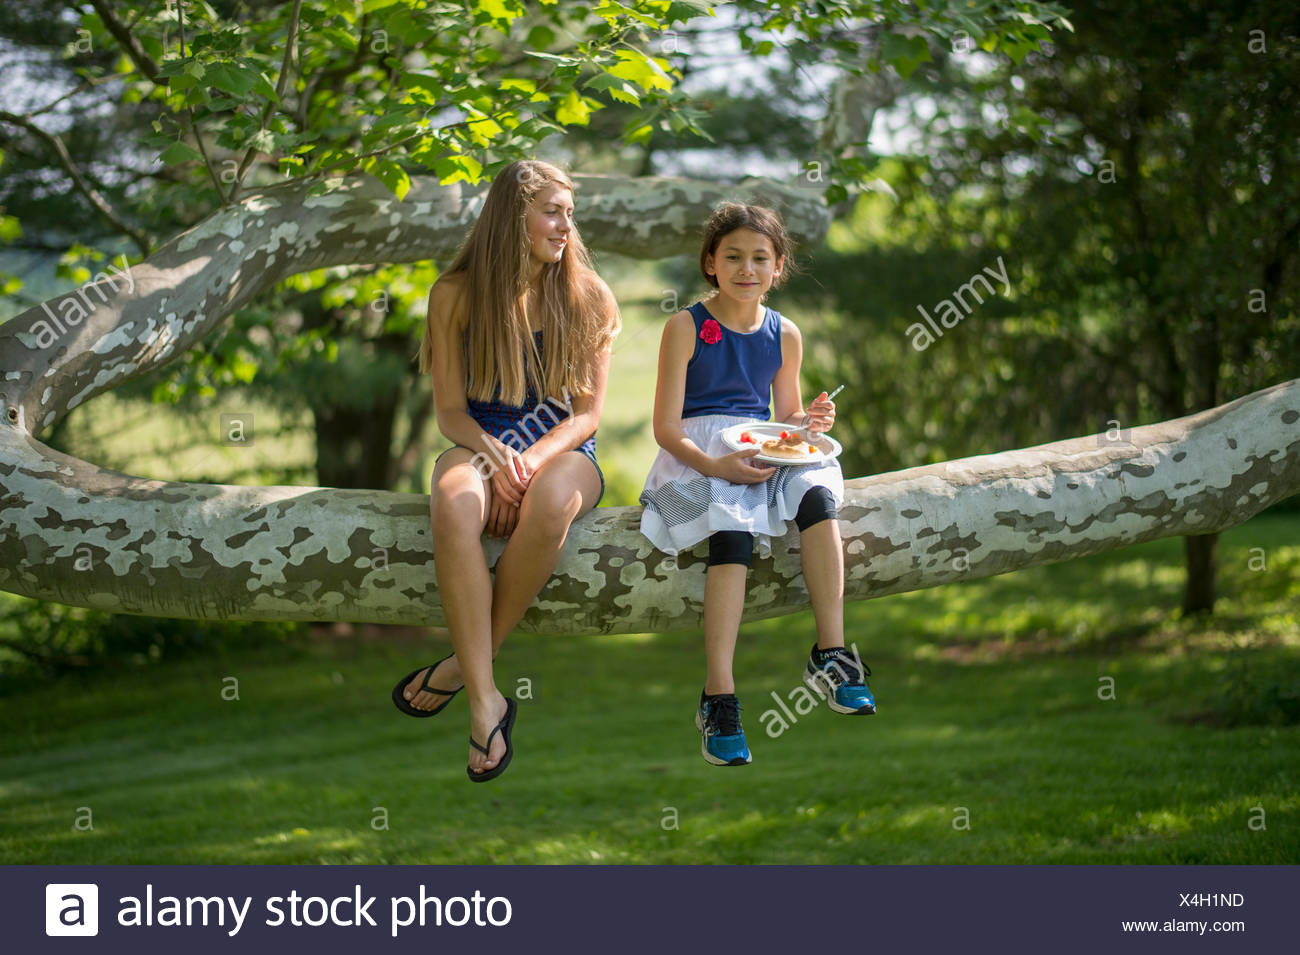 Deux jeunes filles s'asseoir ensemble sur une grande branche d'arbre. Photo Stock